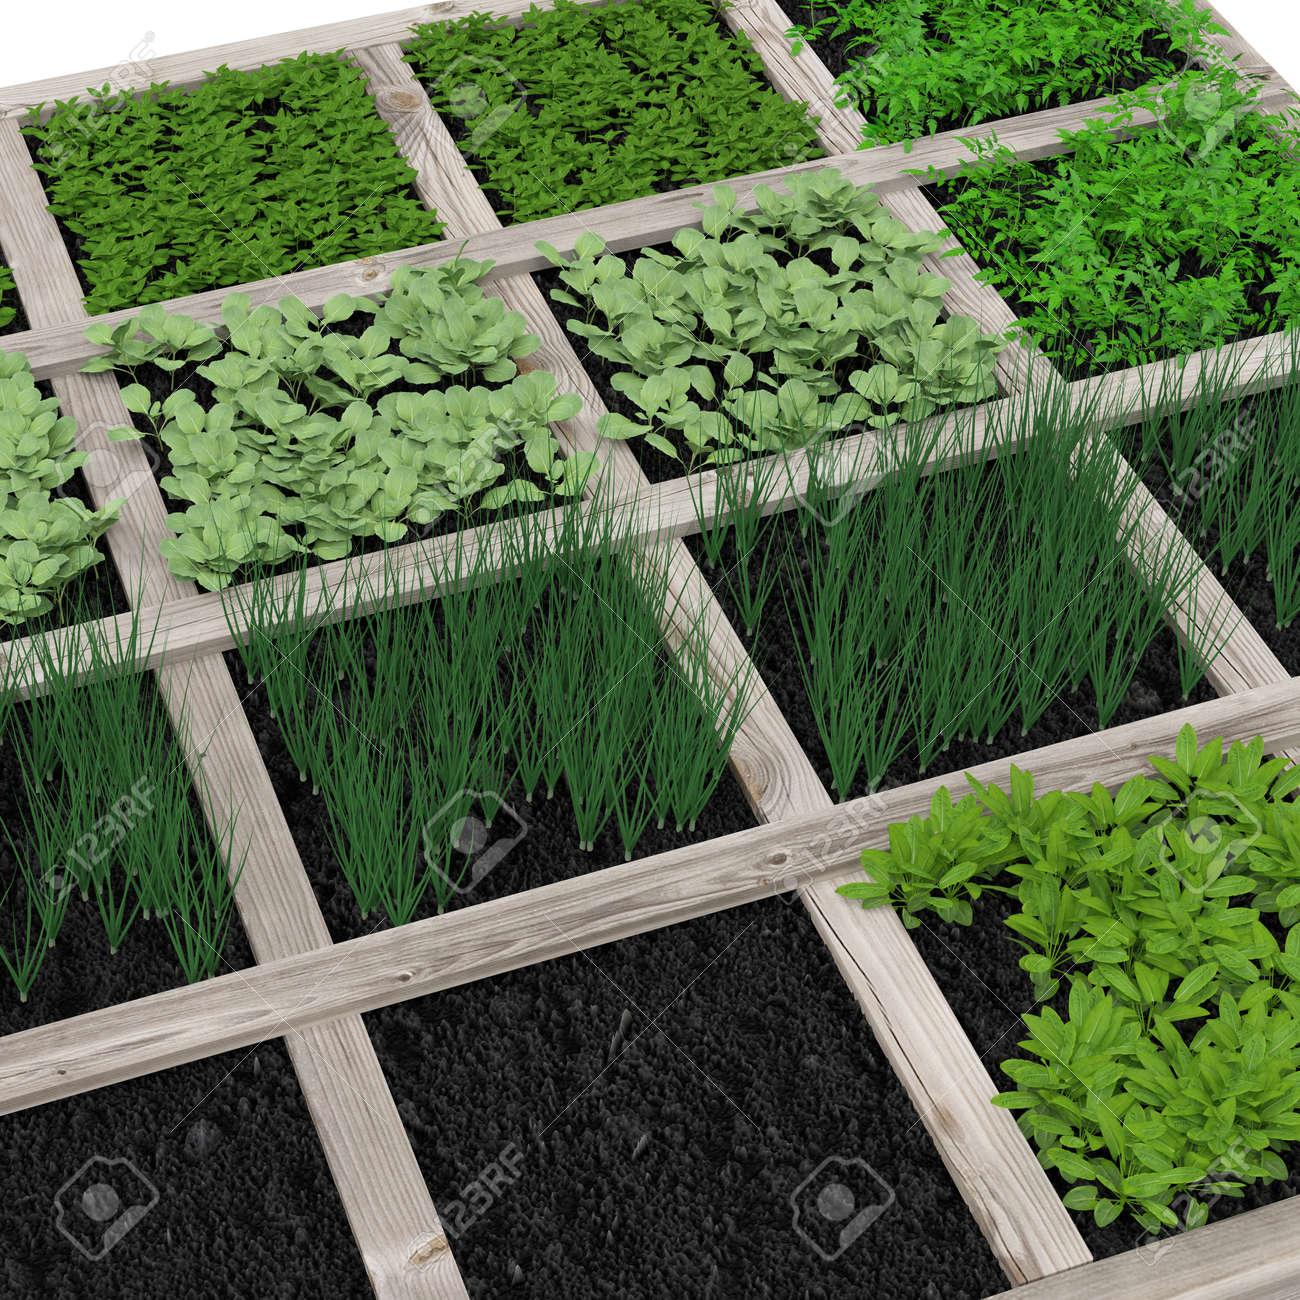 Jardin Potager Avec Assortiment De Legumes Et Recipient Froid Sur